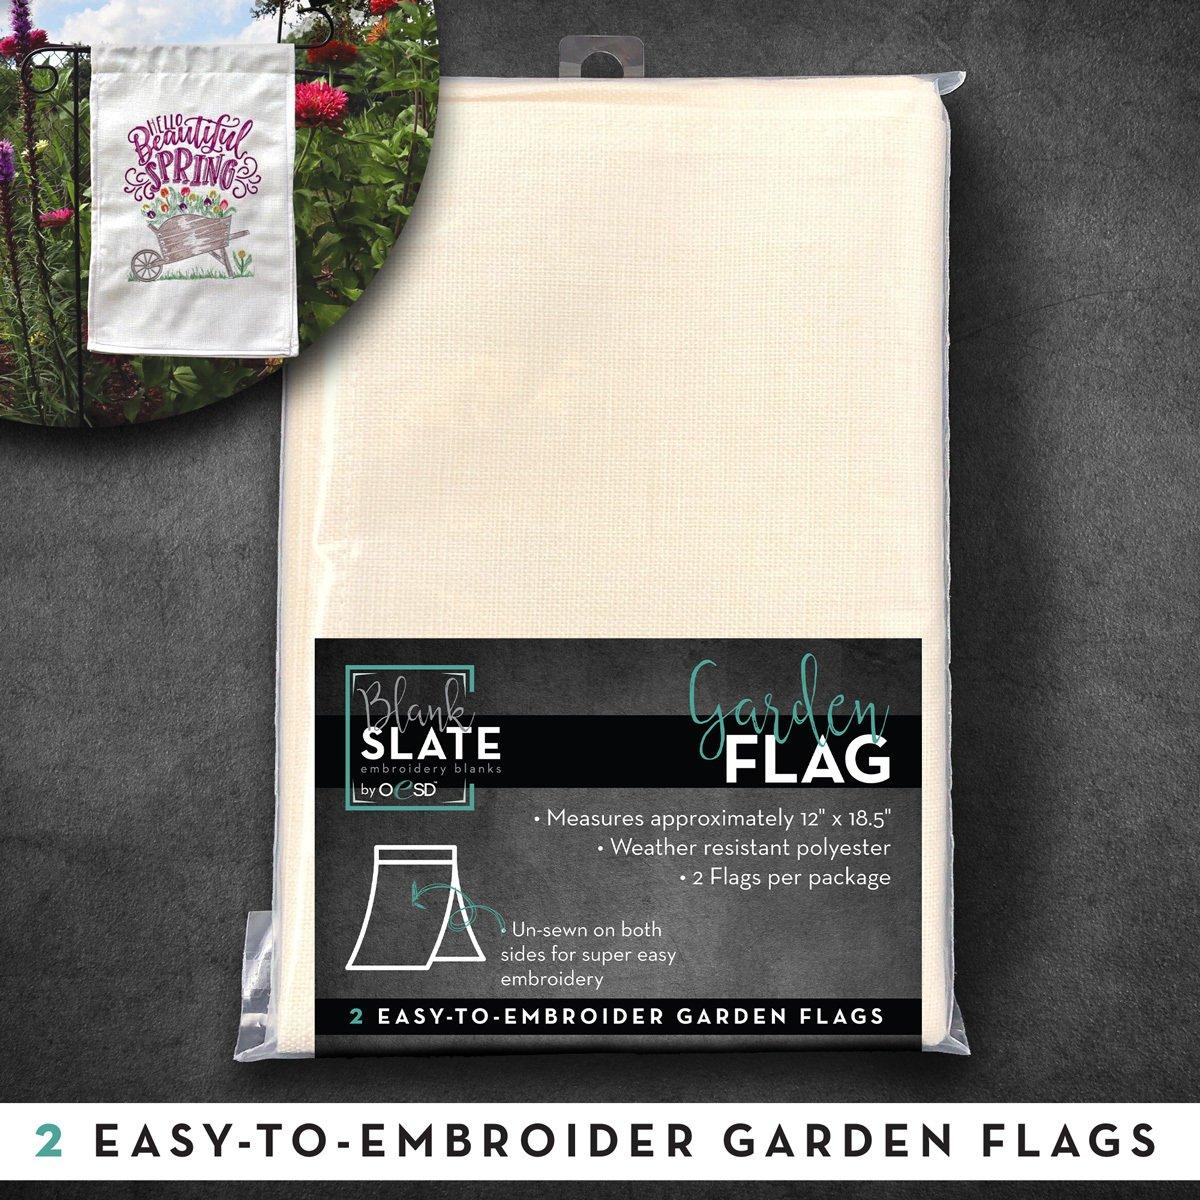 OESD Garden Flag